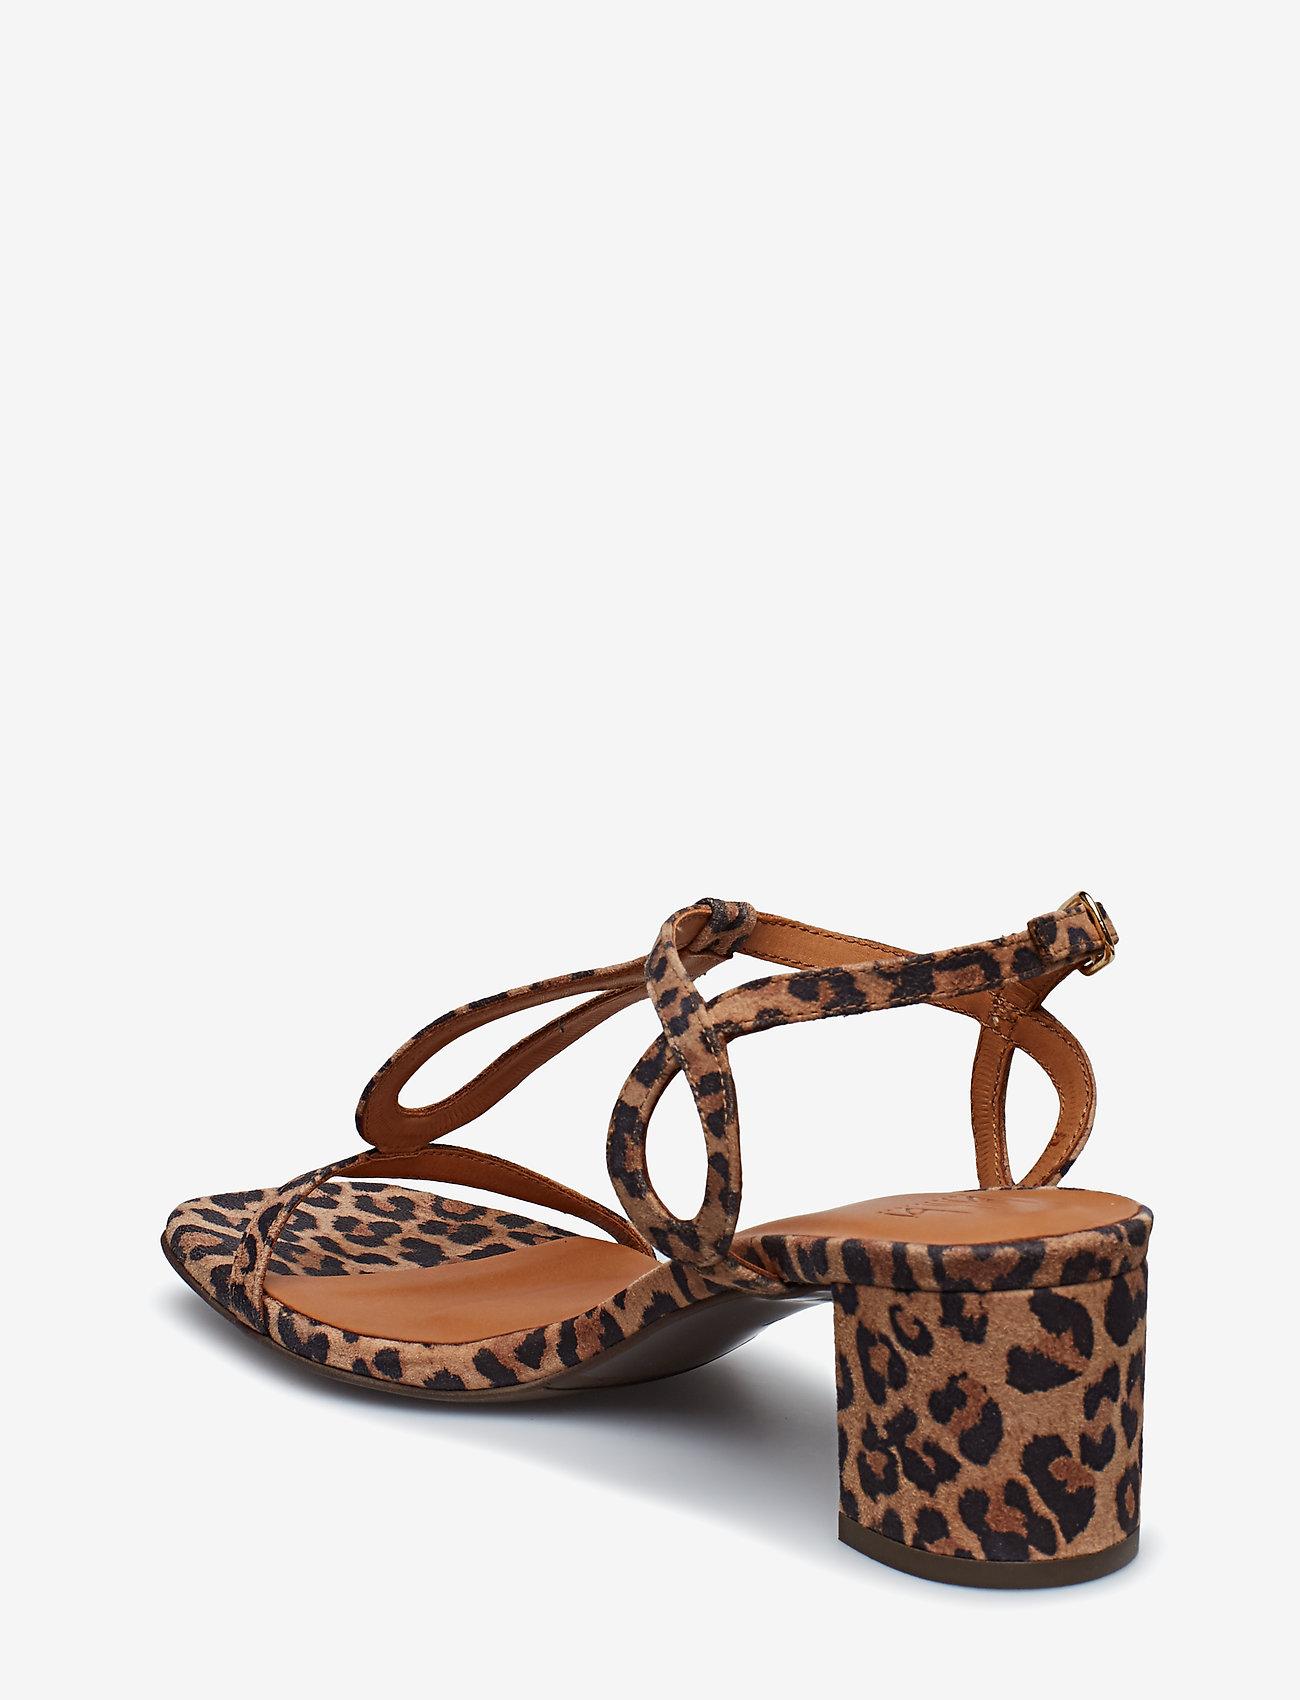 Sandals 8721 (Leopardo Suede 542) - Billi Bi